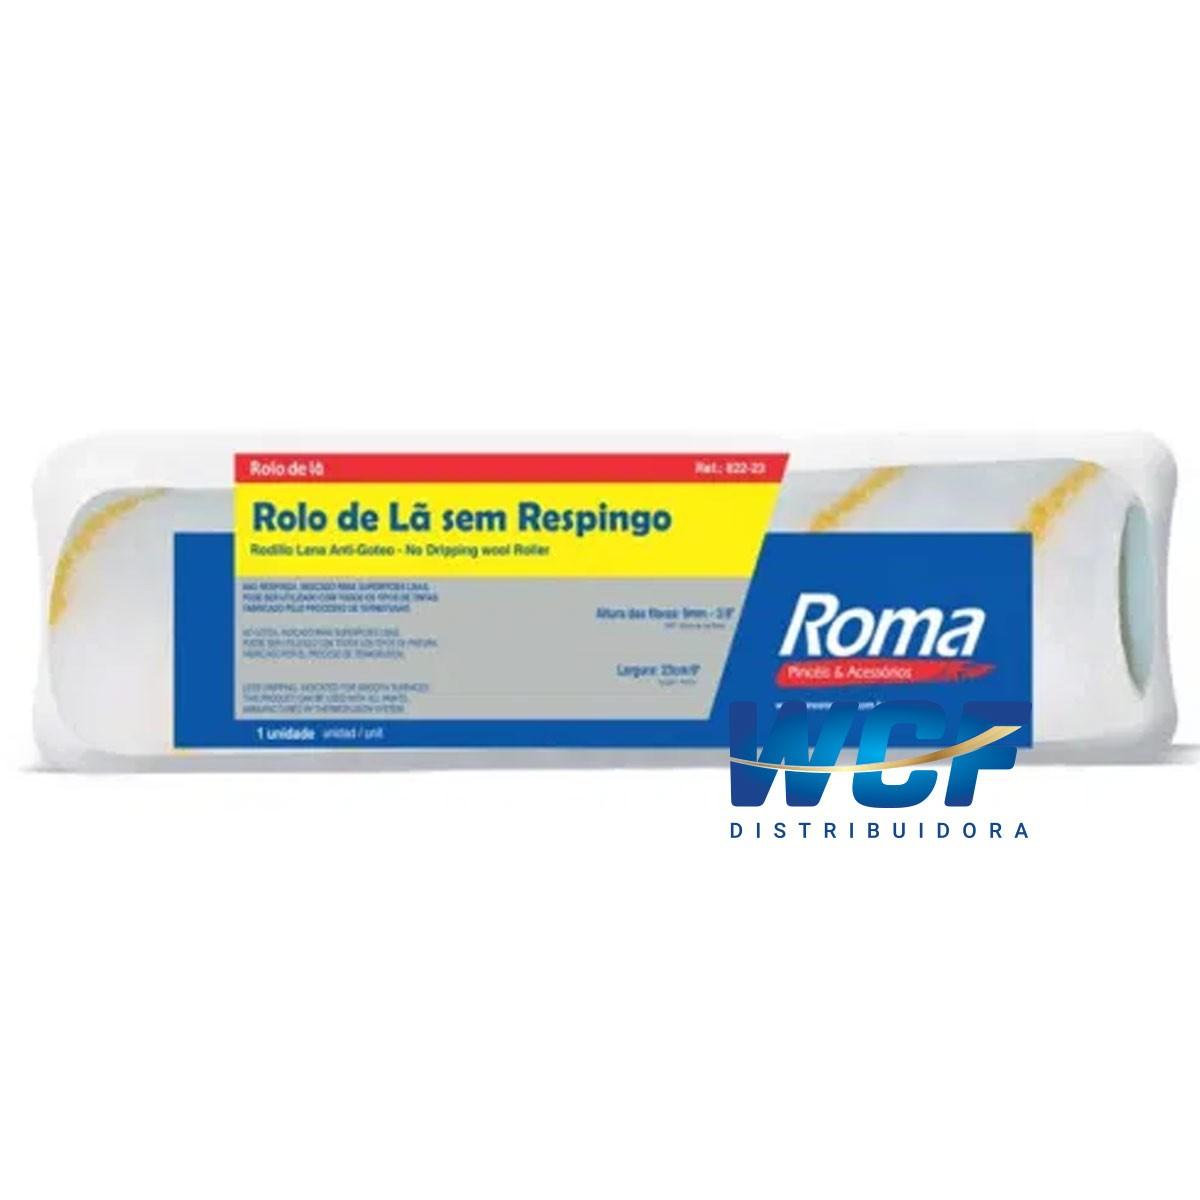 ROMA ROLO LA 822 S/RESPINGO 23 CM